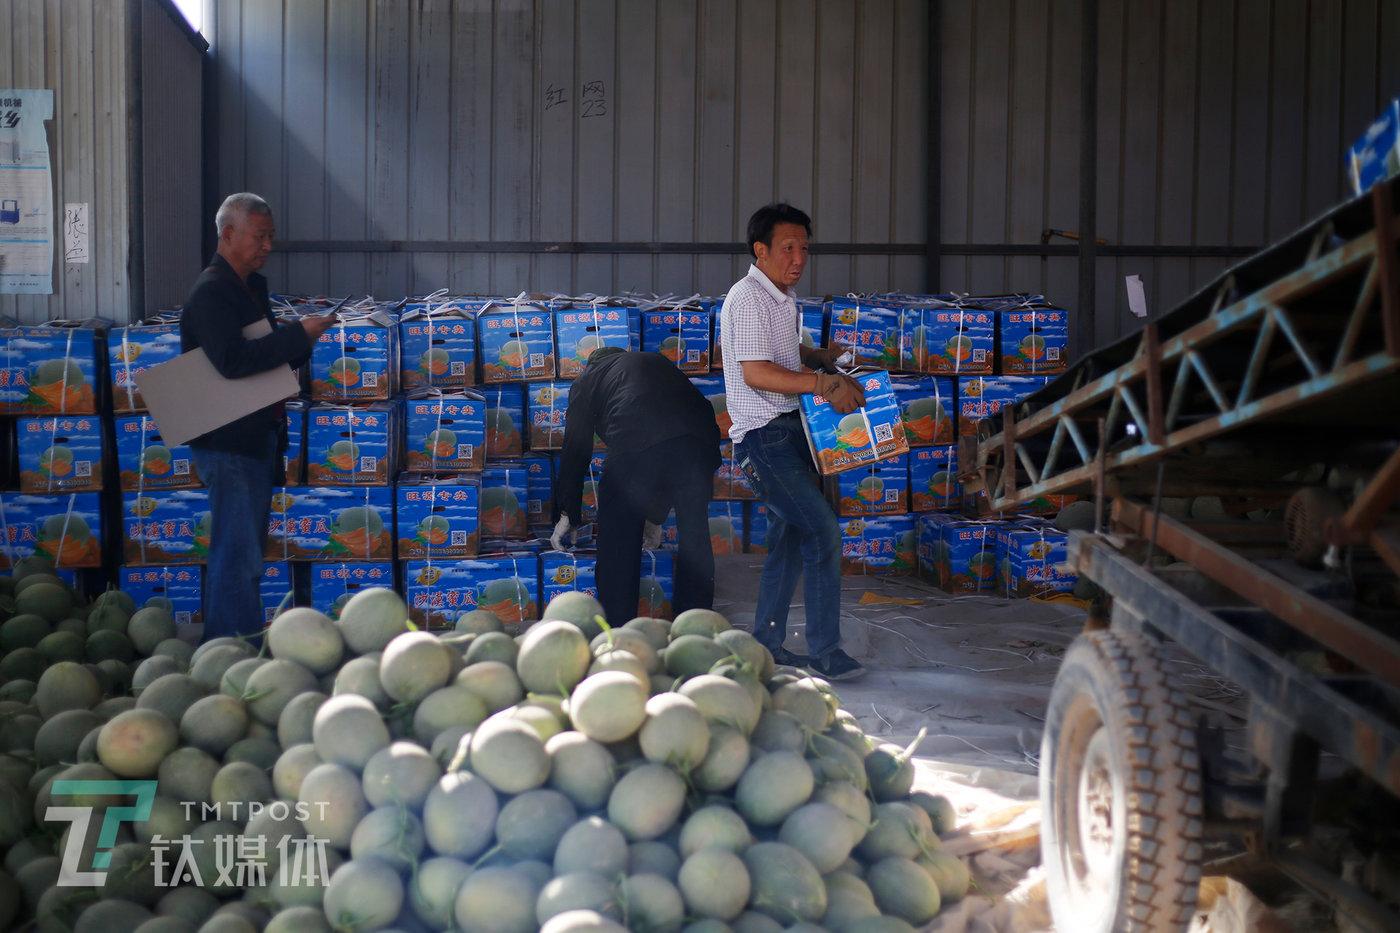 收成镇,两名装卸工在水果商(左)的指挥下,往卡车传送带上搬送打包好的蜜瓜。